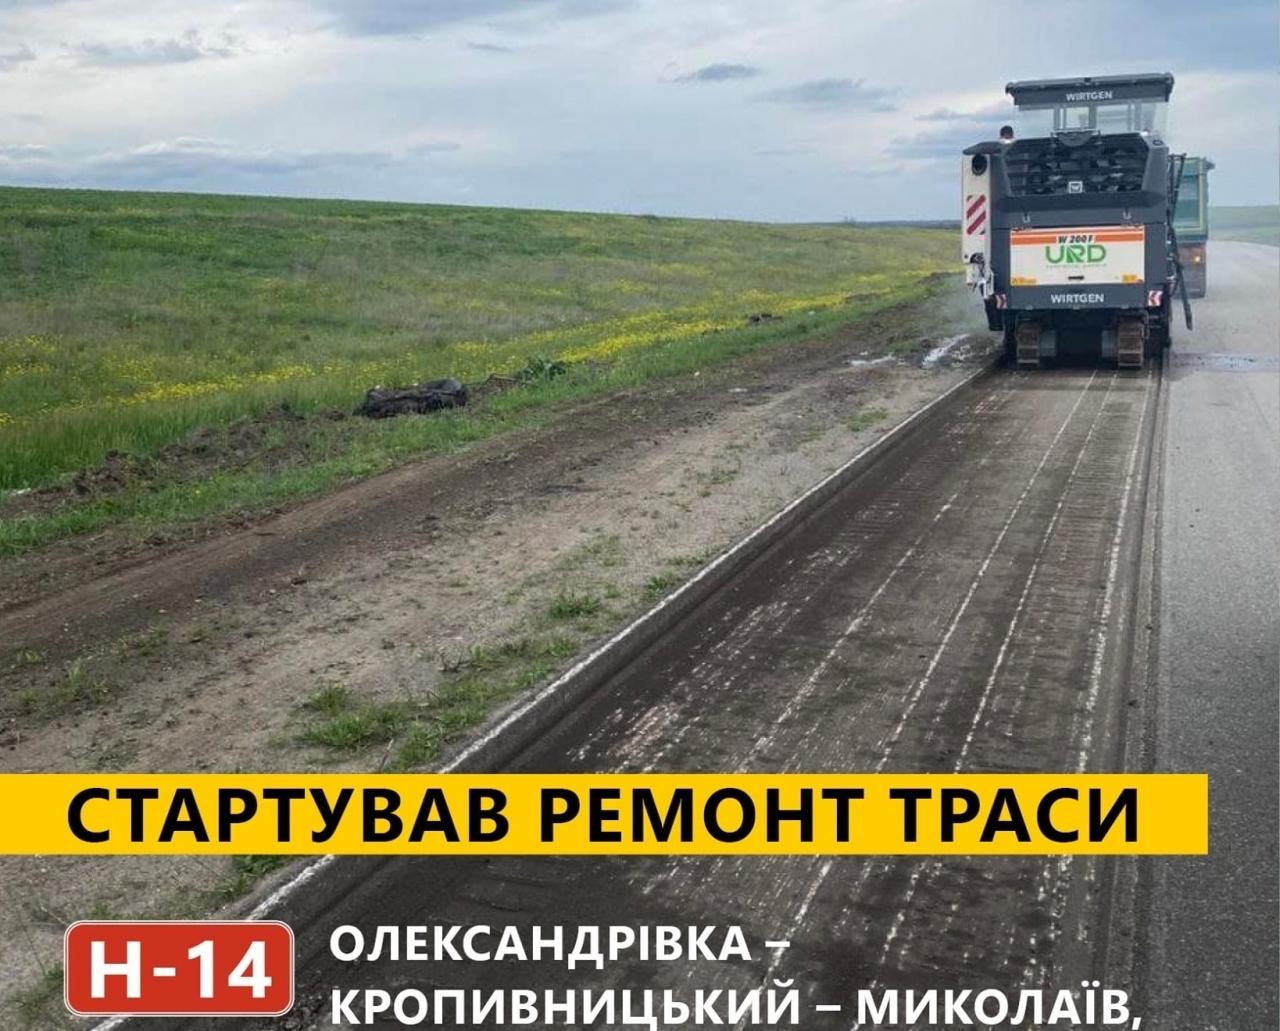 Ігор Кузьмін: Цього року завершимо ремонт траси Н-14 в межах області 1